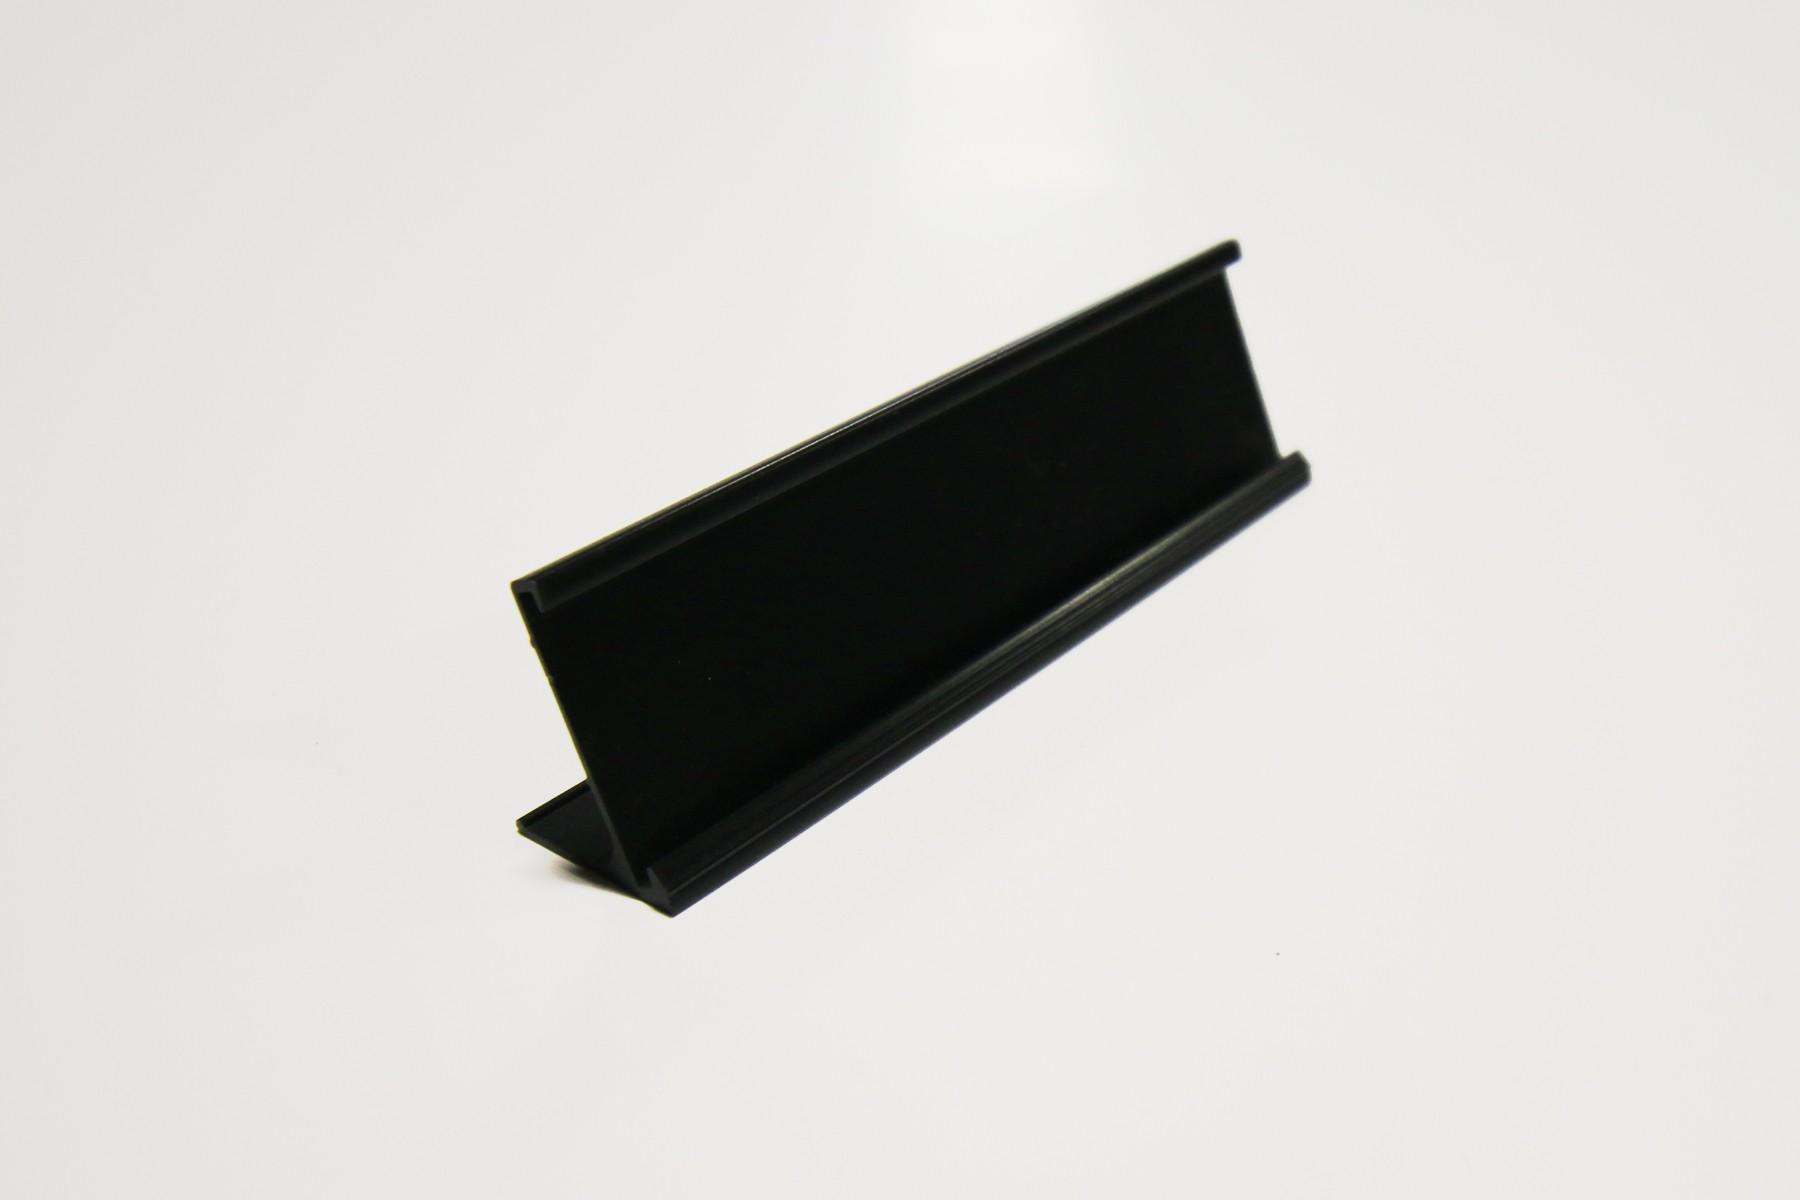 1 x 6 Desk Holder, Black